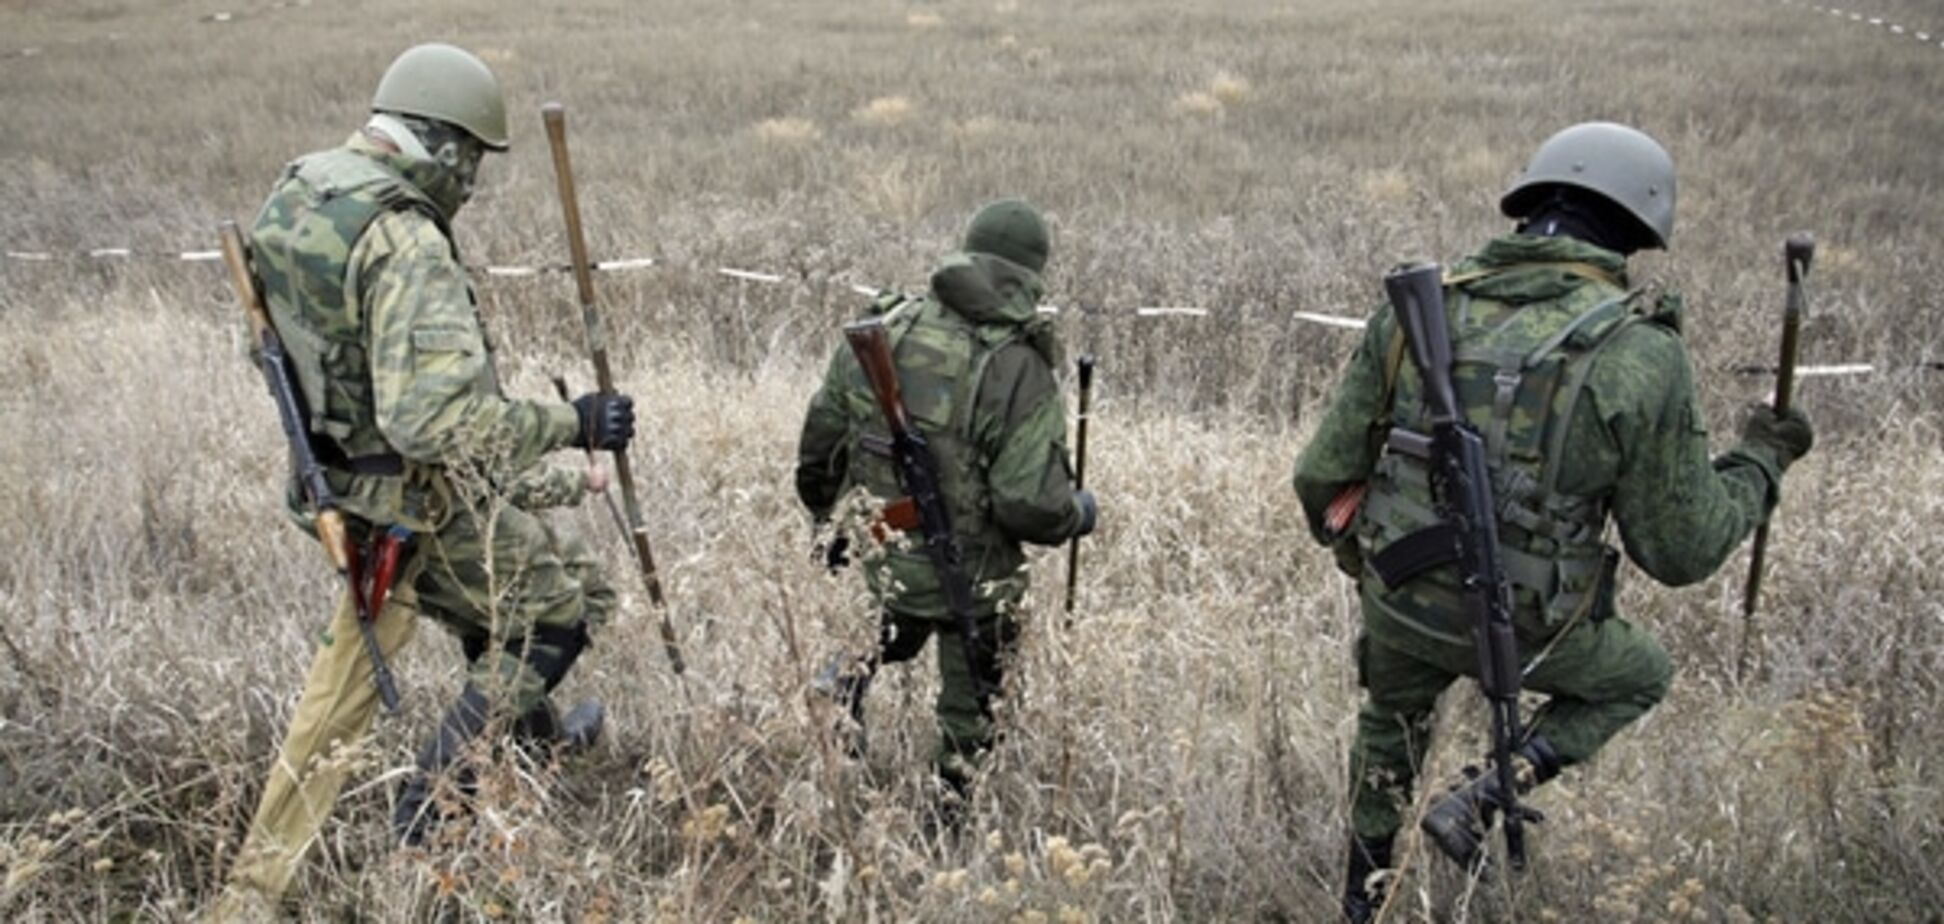 Терористи 'ЛНР' із мінометів обстріляли Трьохізбенку